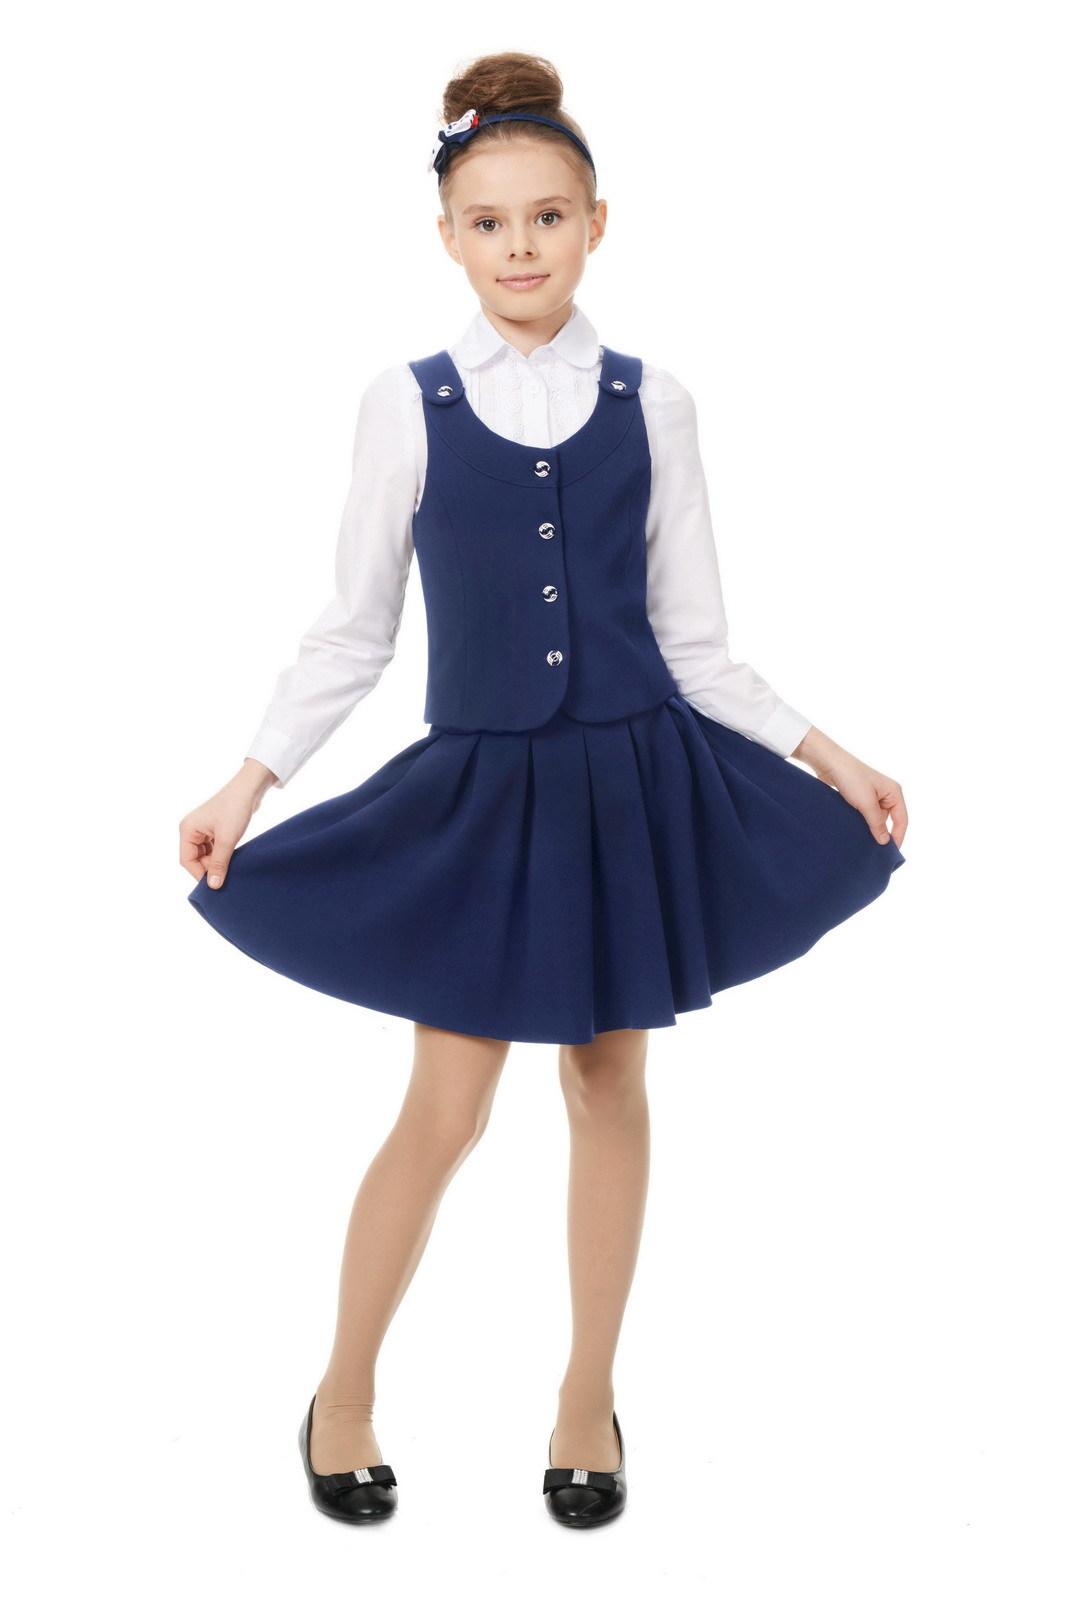 Купить Школьная юбка для девочек SkyLake ШФ-259 Рио цв. синий, р. 30/128, Юбки для девочек